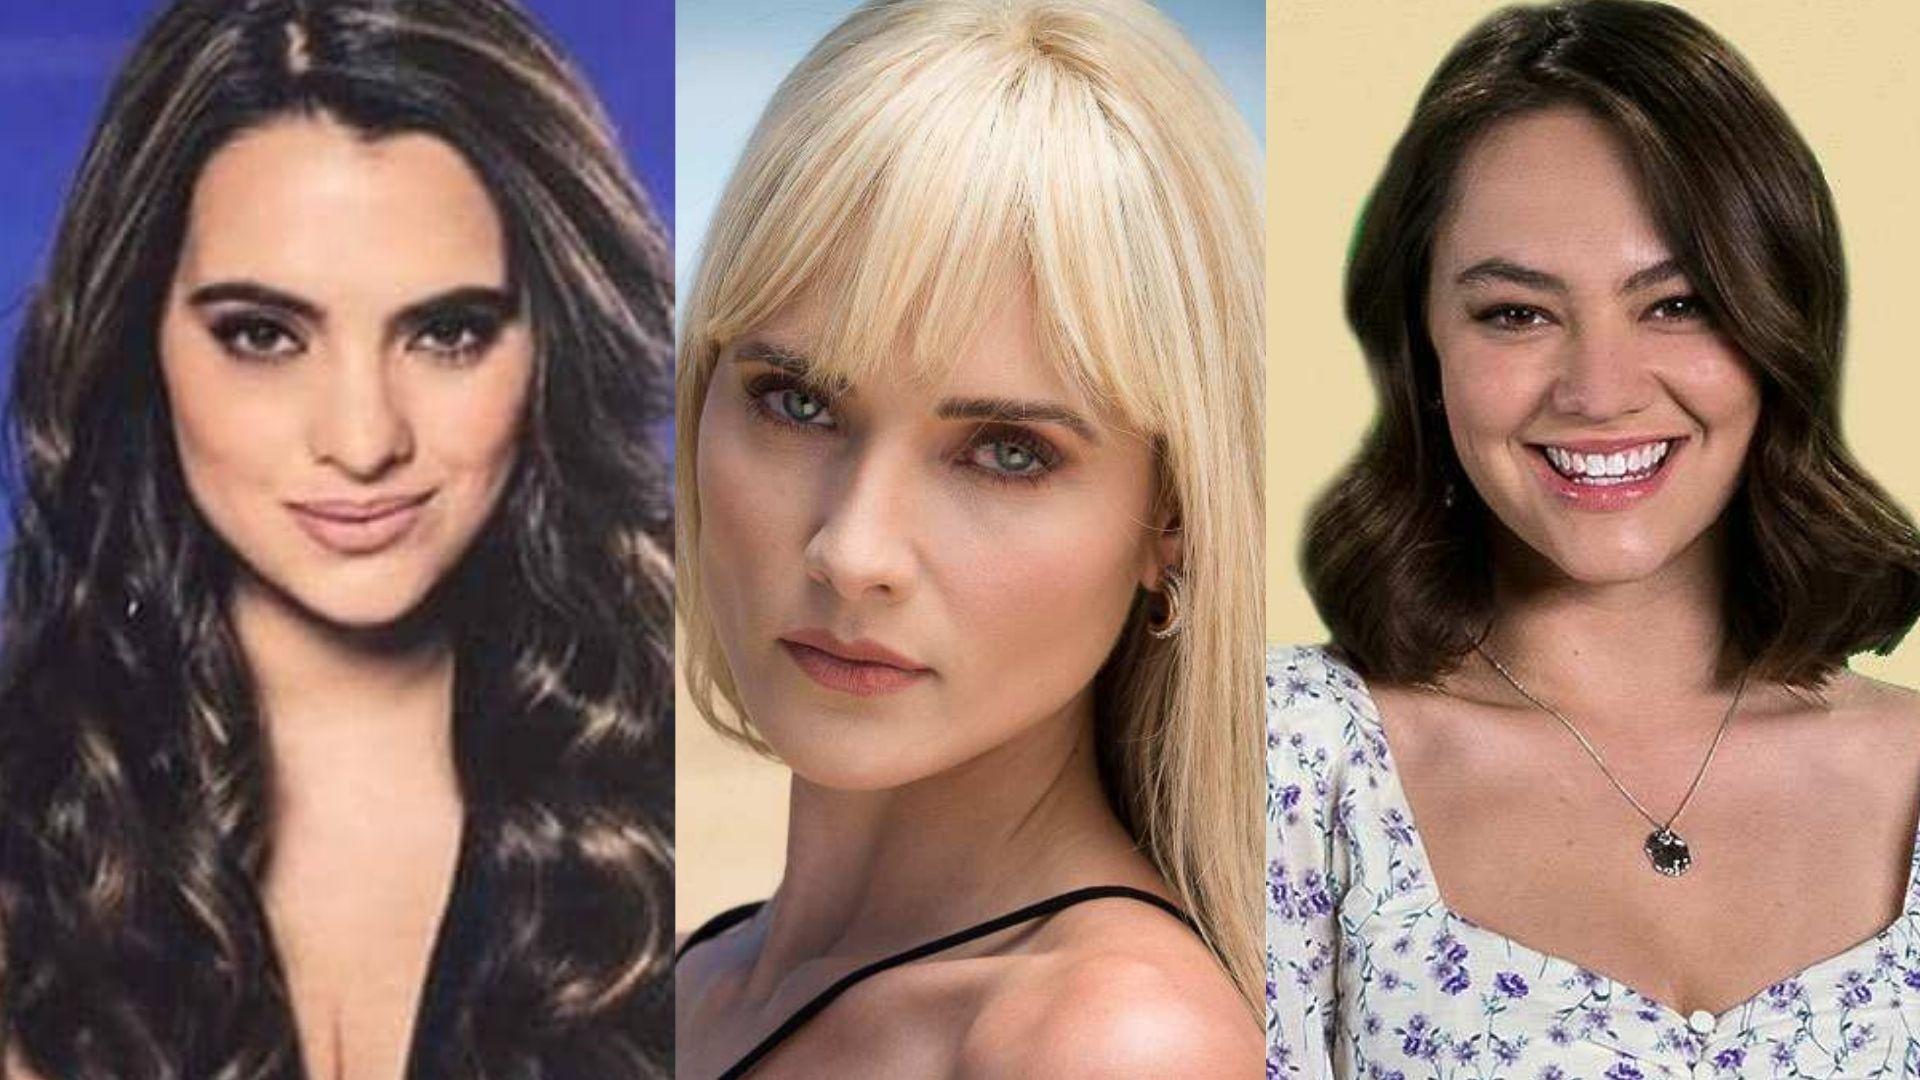 Mejor antagonista juvenil de telenovelas en 2021: ¿Scarlet Gruber, Kimberly Dos Ramos o Ale Müller?